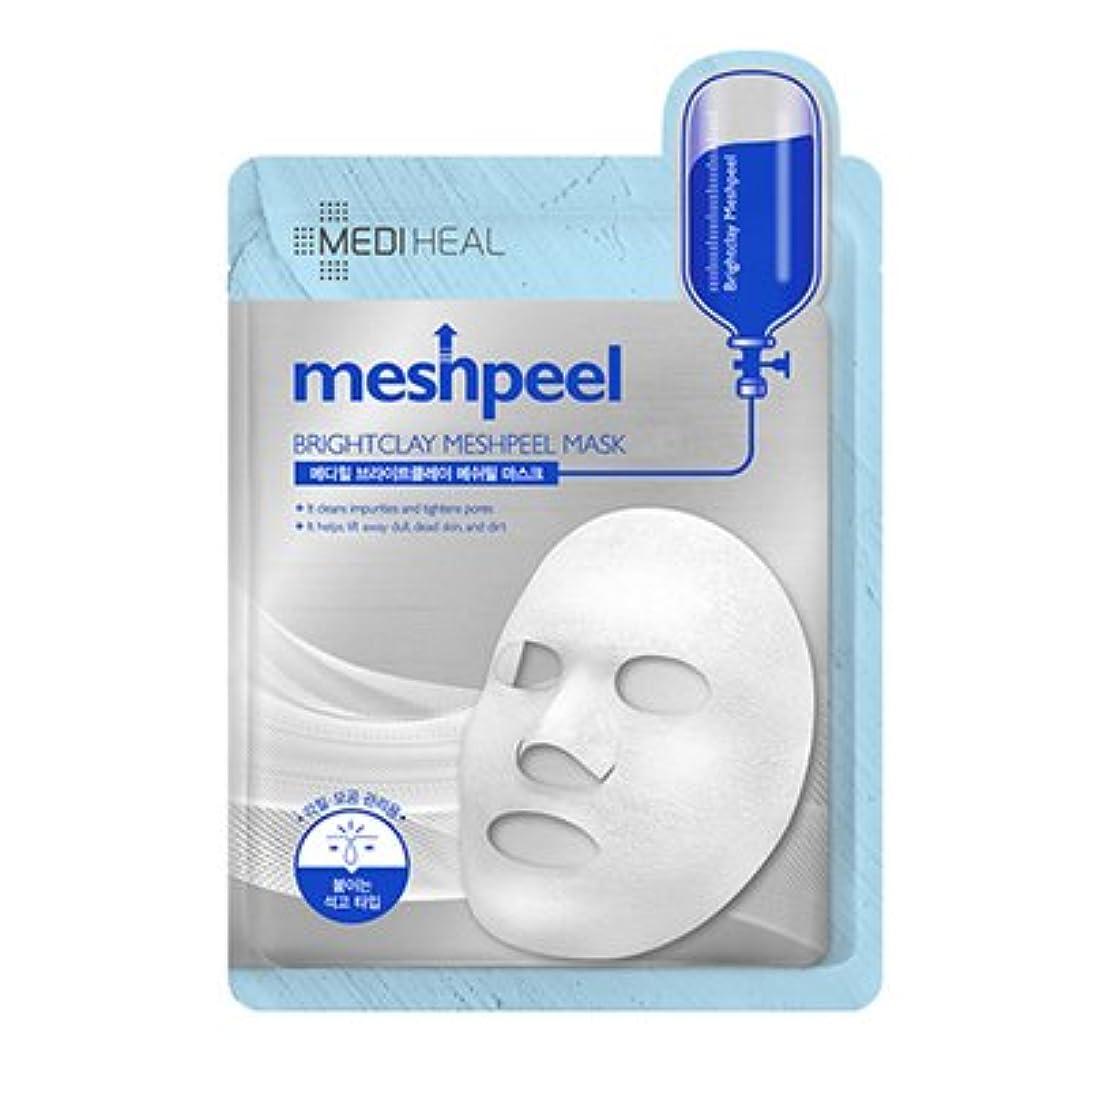 インレイアサーにやにや[New] MEDIHEAL Brightclay Meshpeel Mask 17g × 10EA/メディヒール ブライト クレイ メッシュ ピール マスク 17g × 10枚